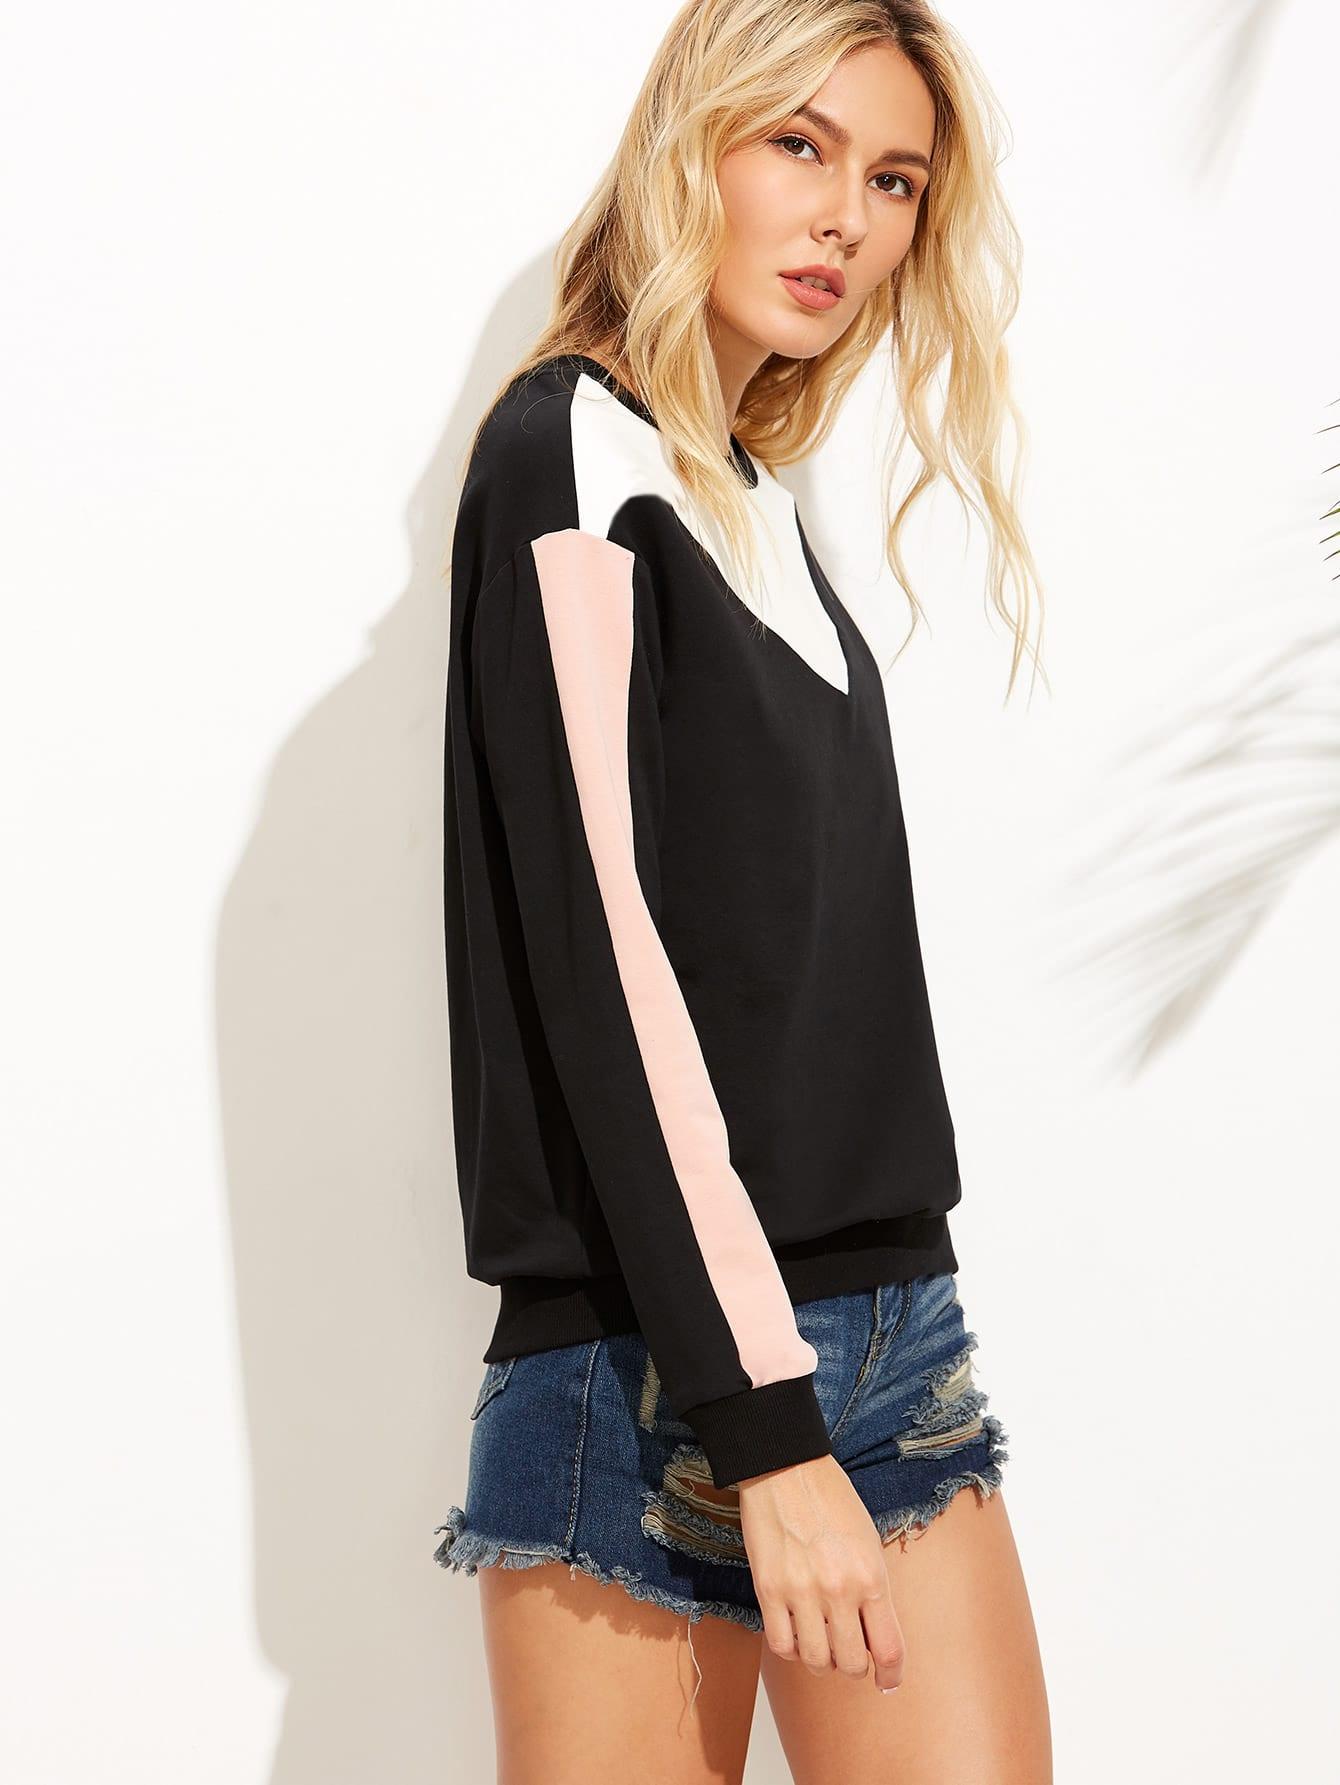 sweatshirt160902501_2